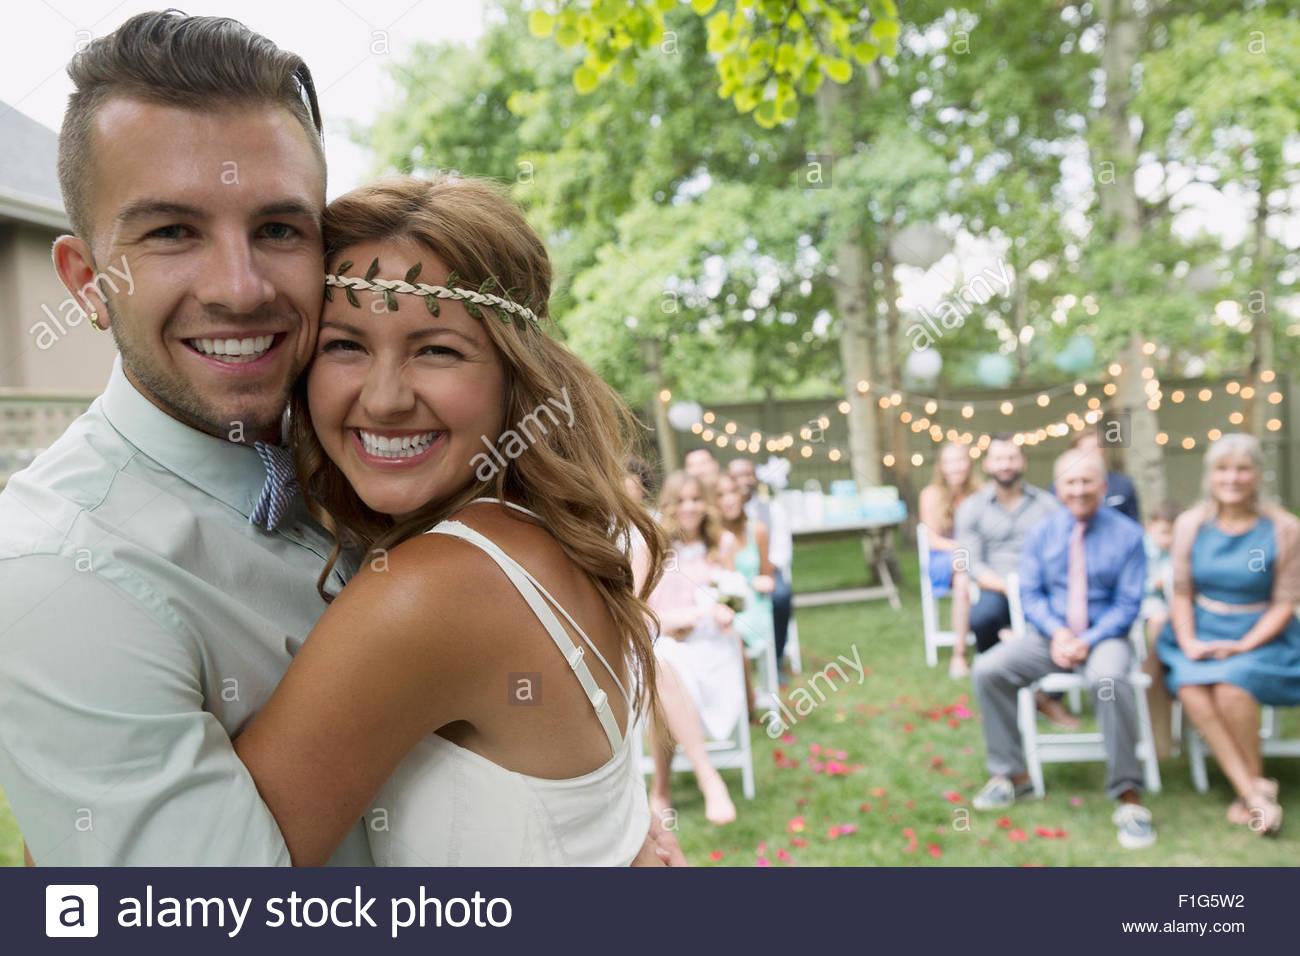 Porträt begeistert Braut und Bräutigam bei Hinterhof Hochzeit Stockbild